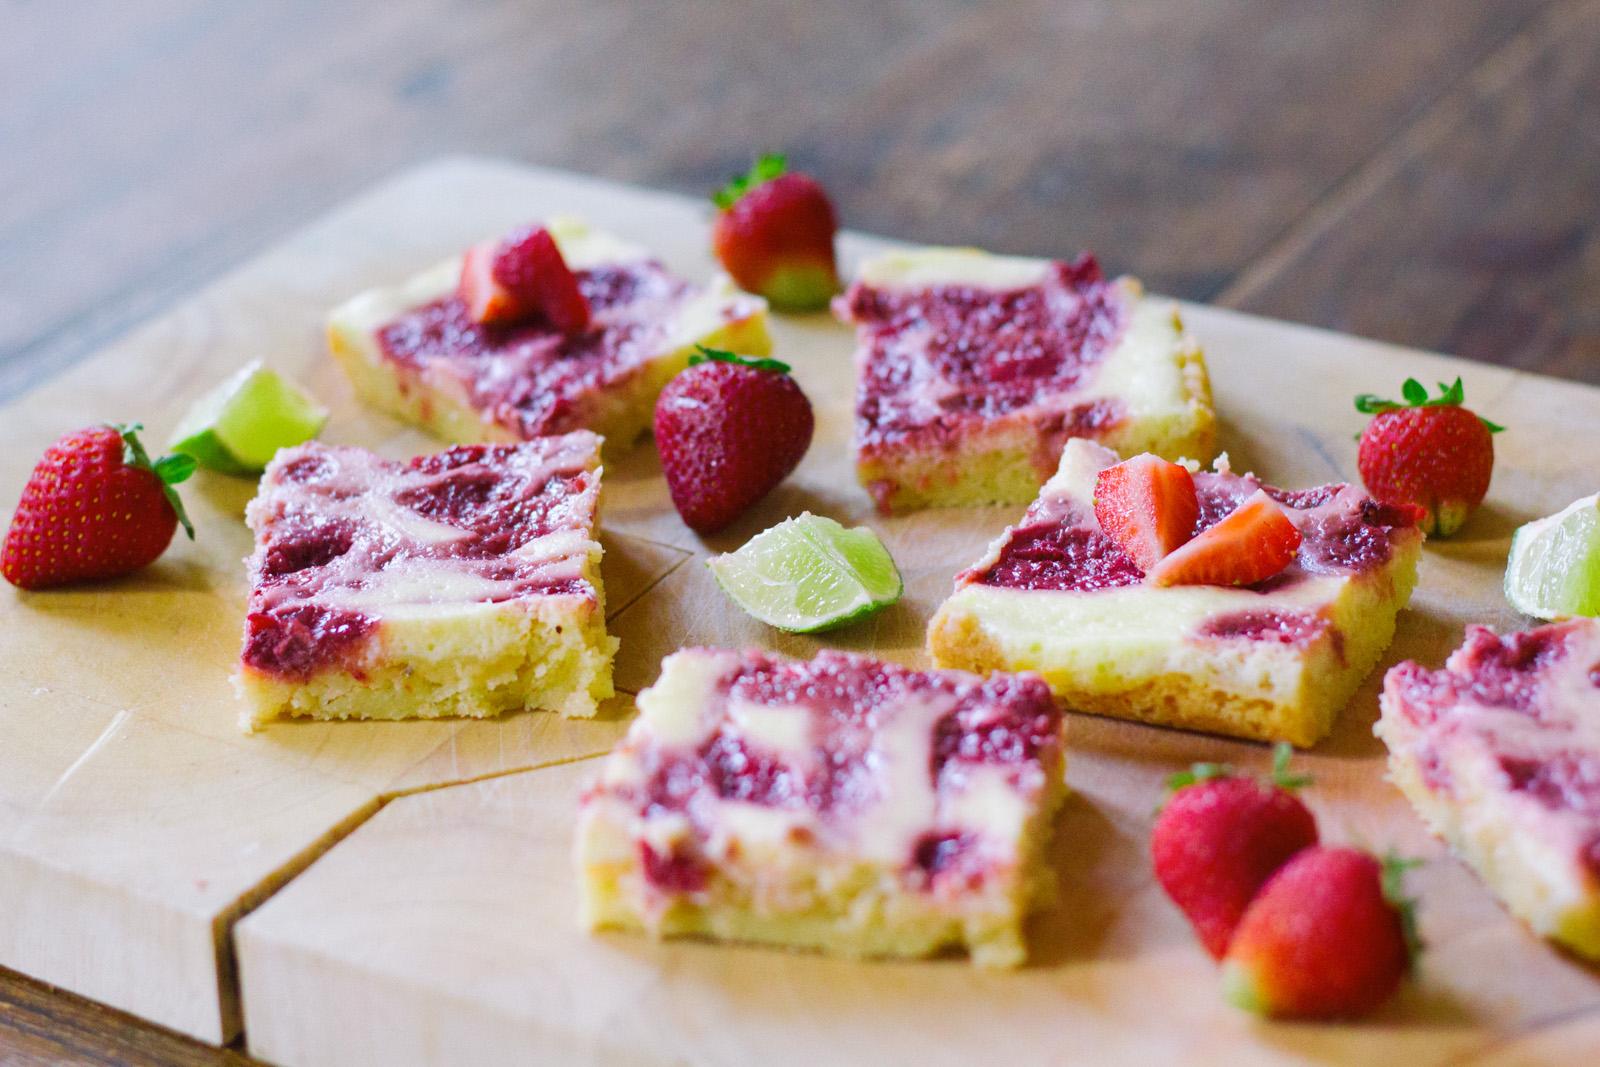 Recept: Lemon Cheesecake met aardbeien